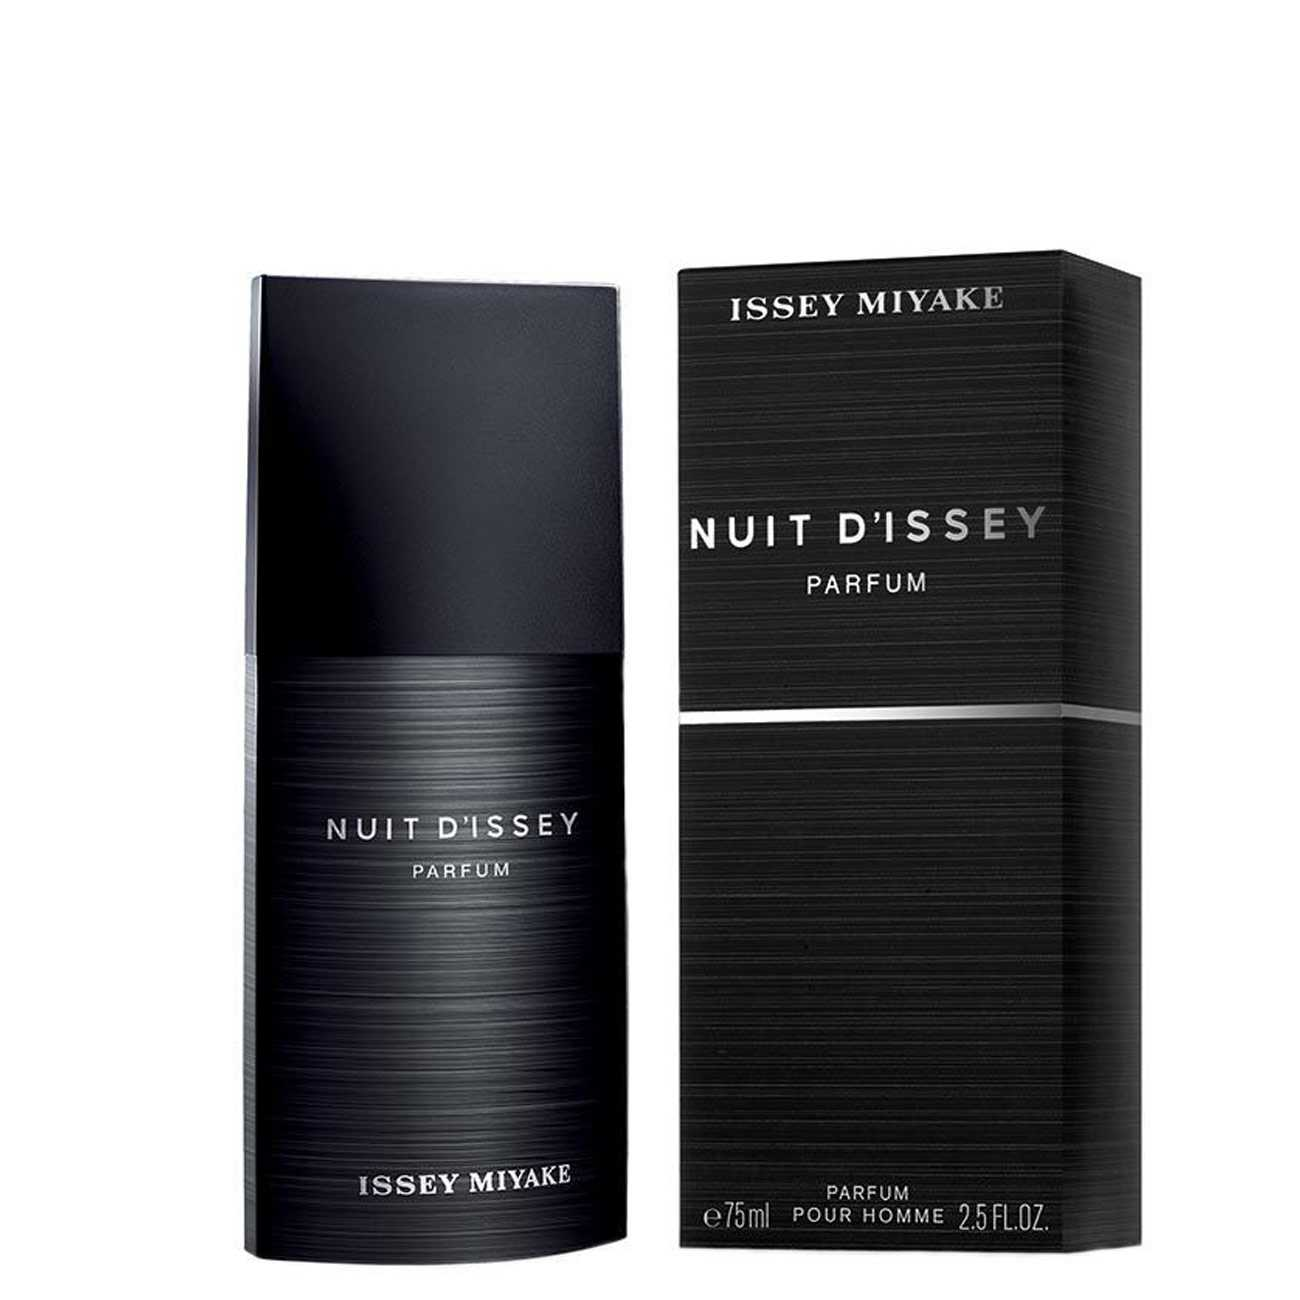 NUIT D'ISSEY PARFUM 75ml